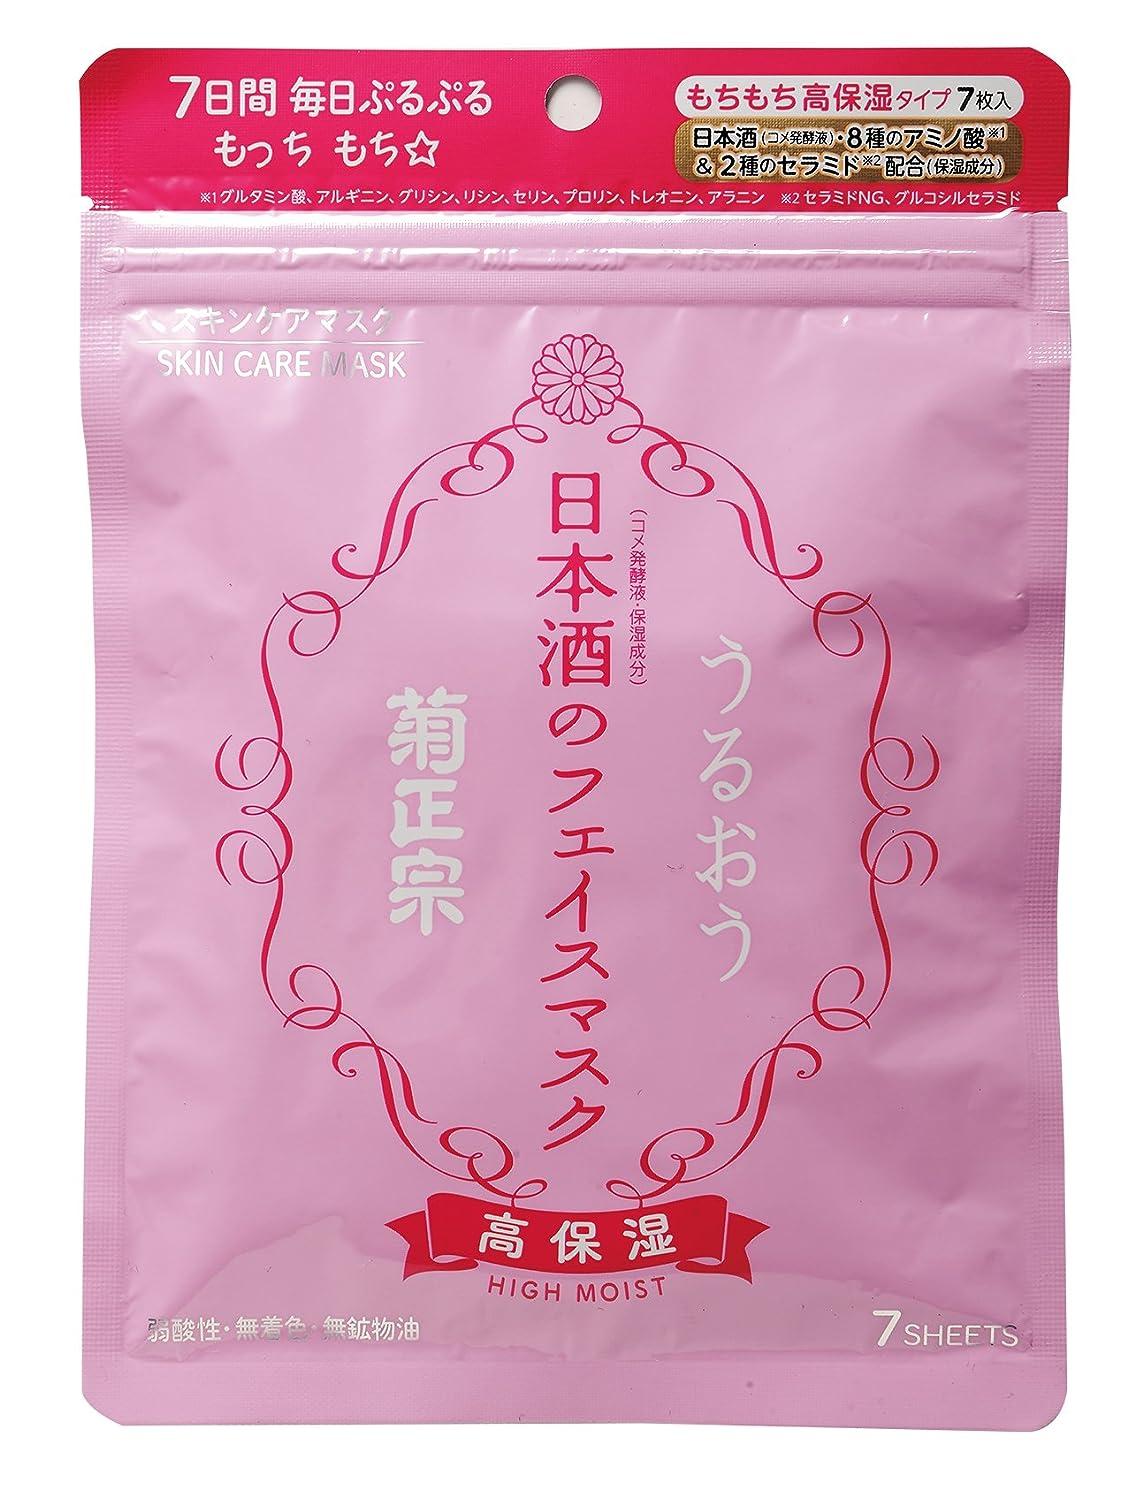 現在不測の事態欲求不満菊正宗 日本酒のフェイスマスク 高保湿 7枚入